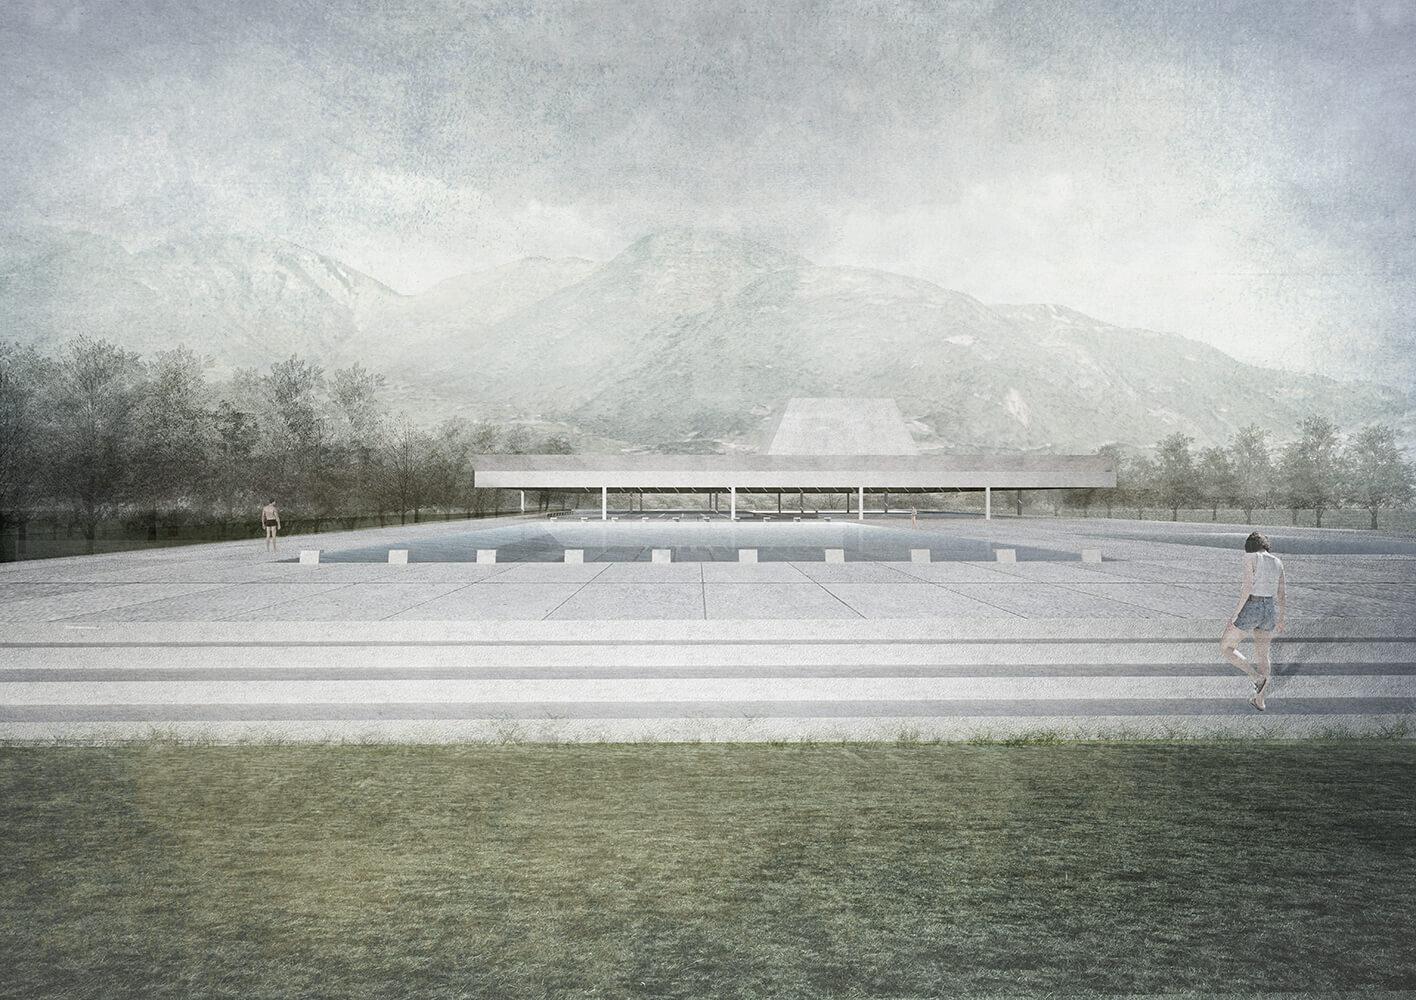 Centro sportivo nazionale di nuoto